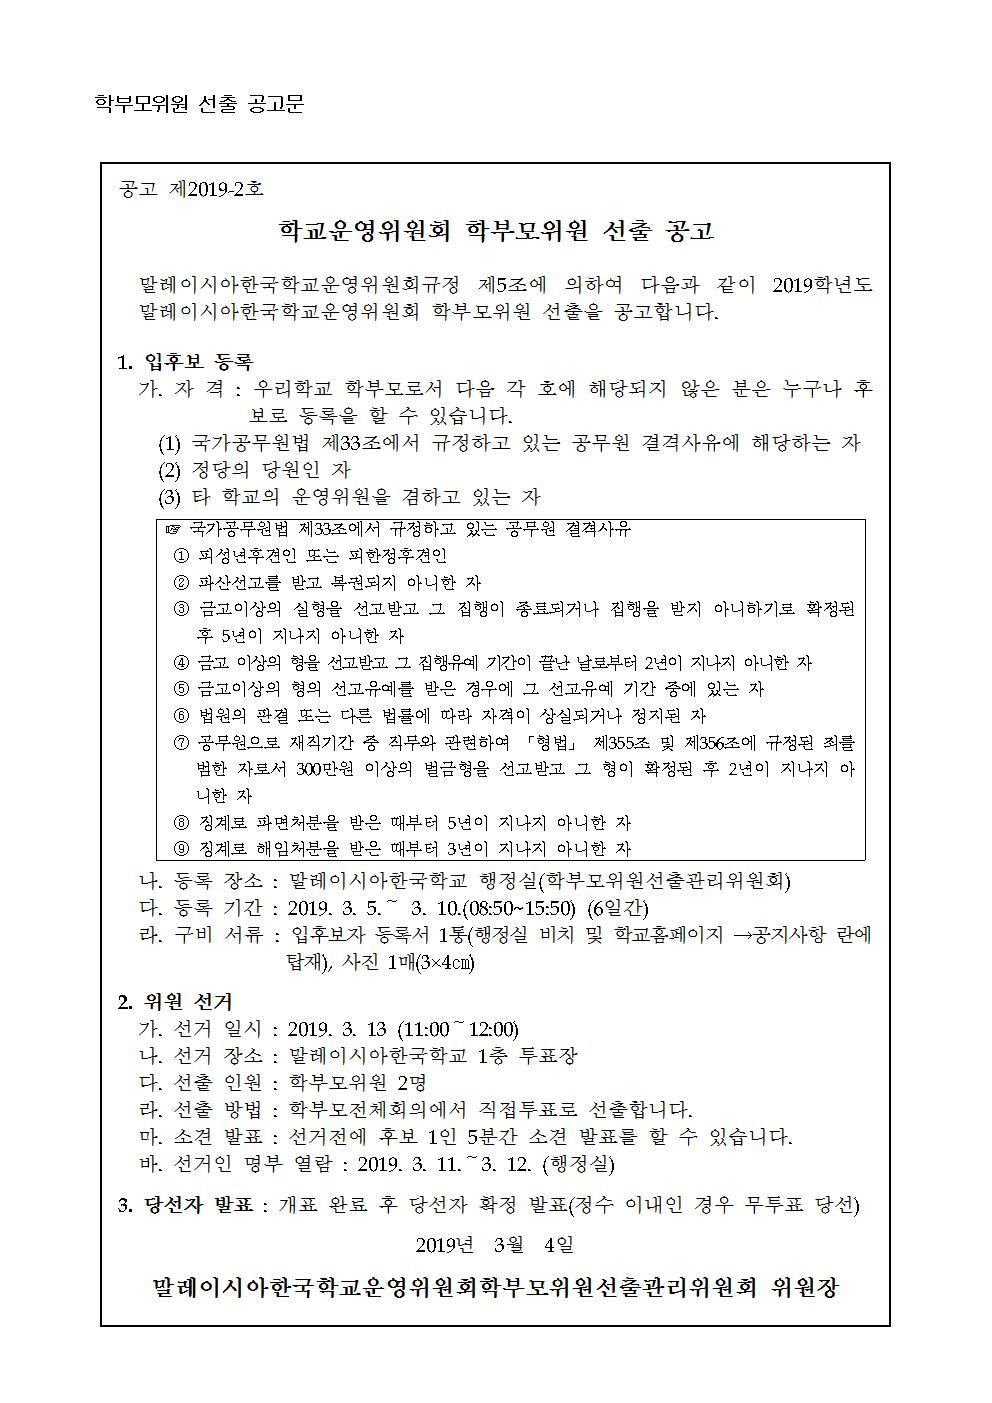 (가초-2019-6호)학교운영위원회학부모위원선거홍보002.jpg